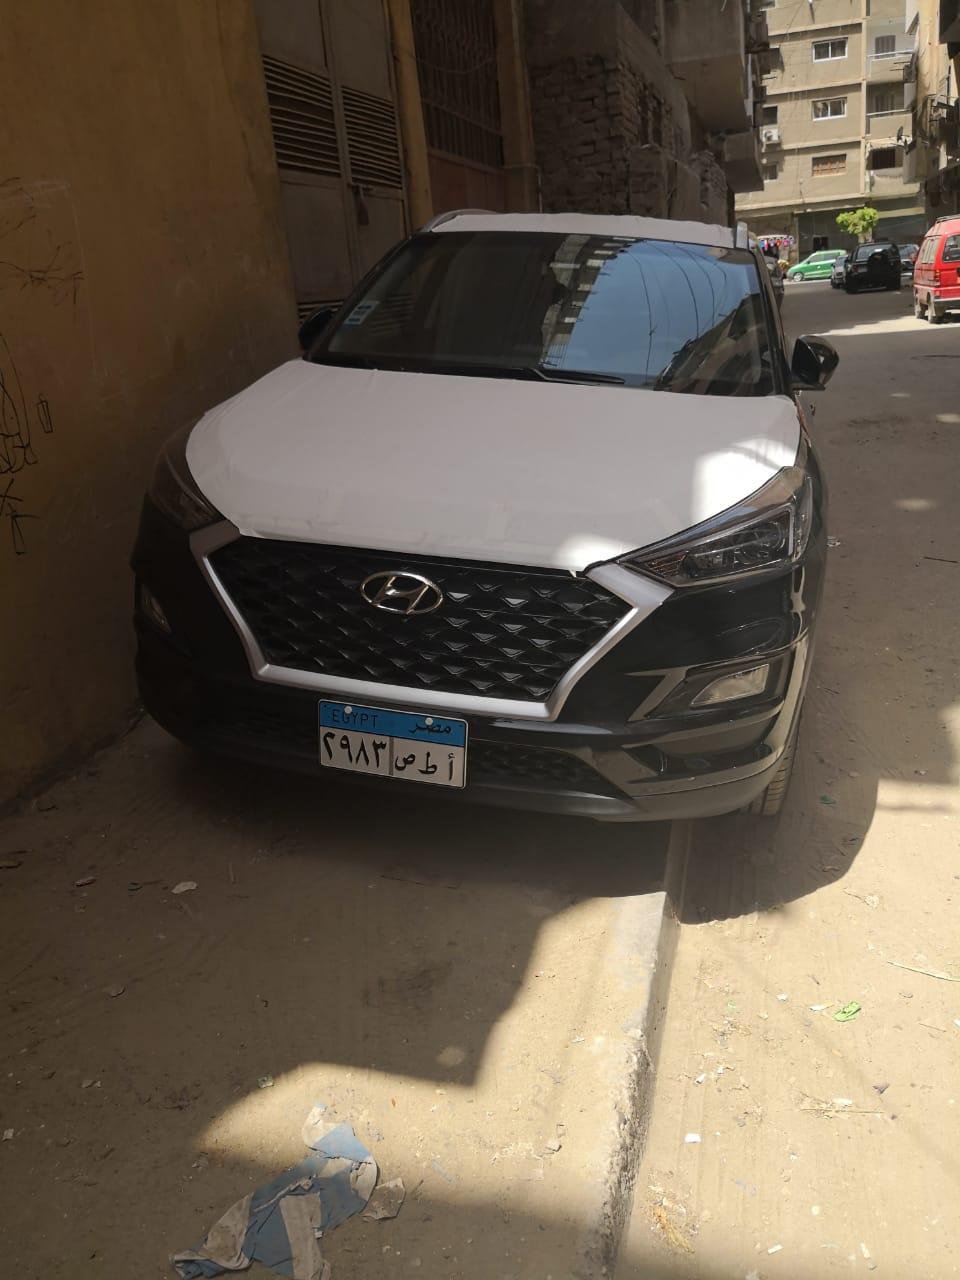 ارخص/ايجار/سيارة/هيونداى/توسان/2019 - في الرياض - السعودية